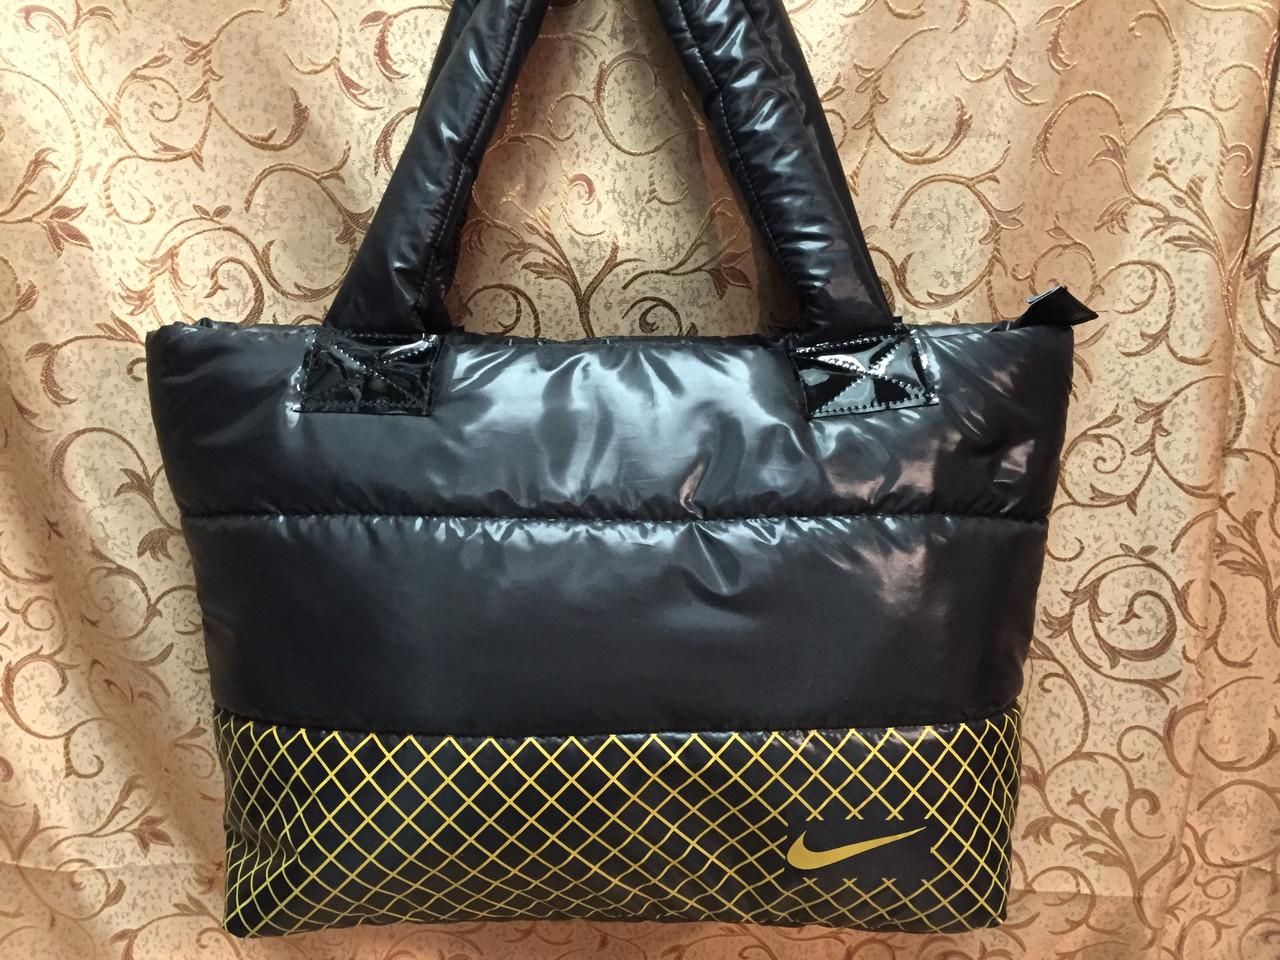 РАСПРОДАЖА Спортивная сумка NIKE(Хлопок)Женские спортивная сумка(только  оптом)Сумка стильный дутики 669db477abe